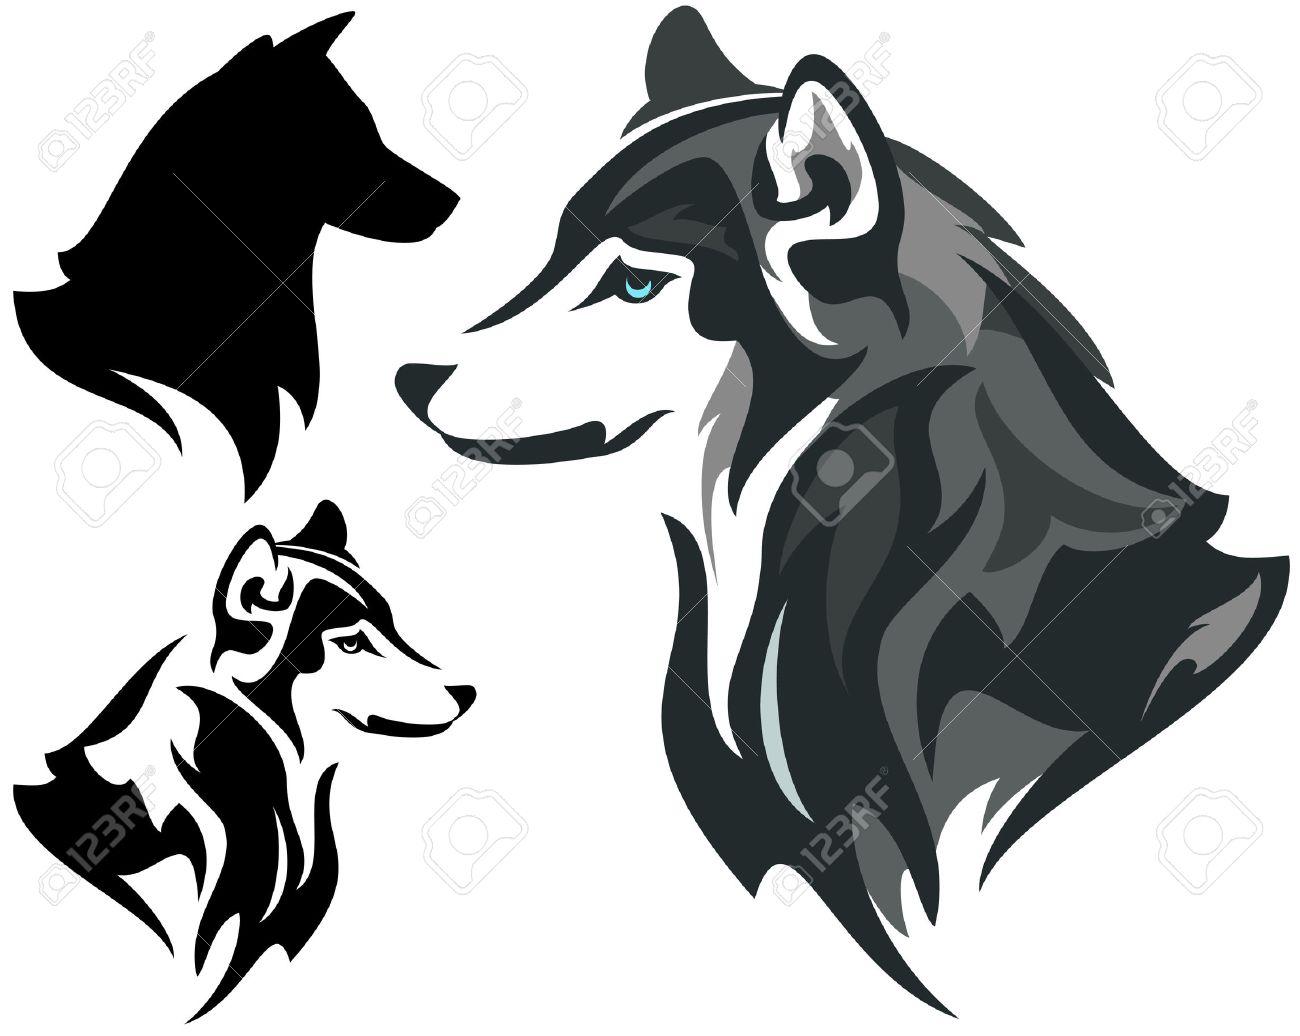 Disegno Cane Bianco E Nero.Vettoriale Disegno Del Cane Husky Testa Di Animale Vista